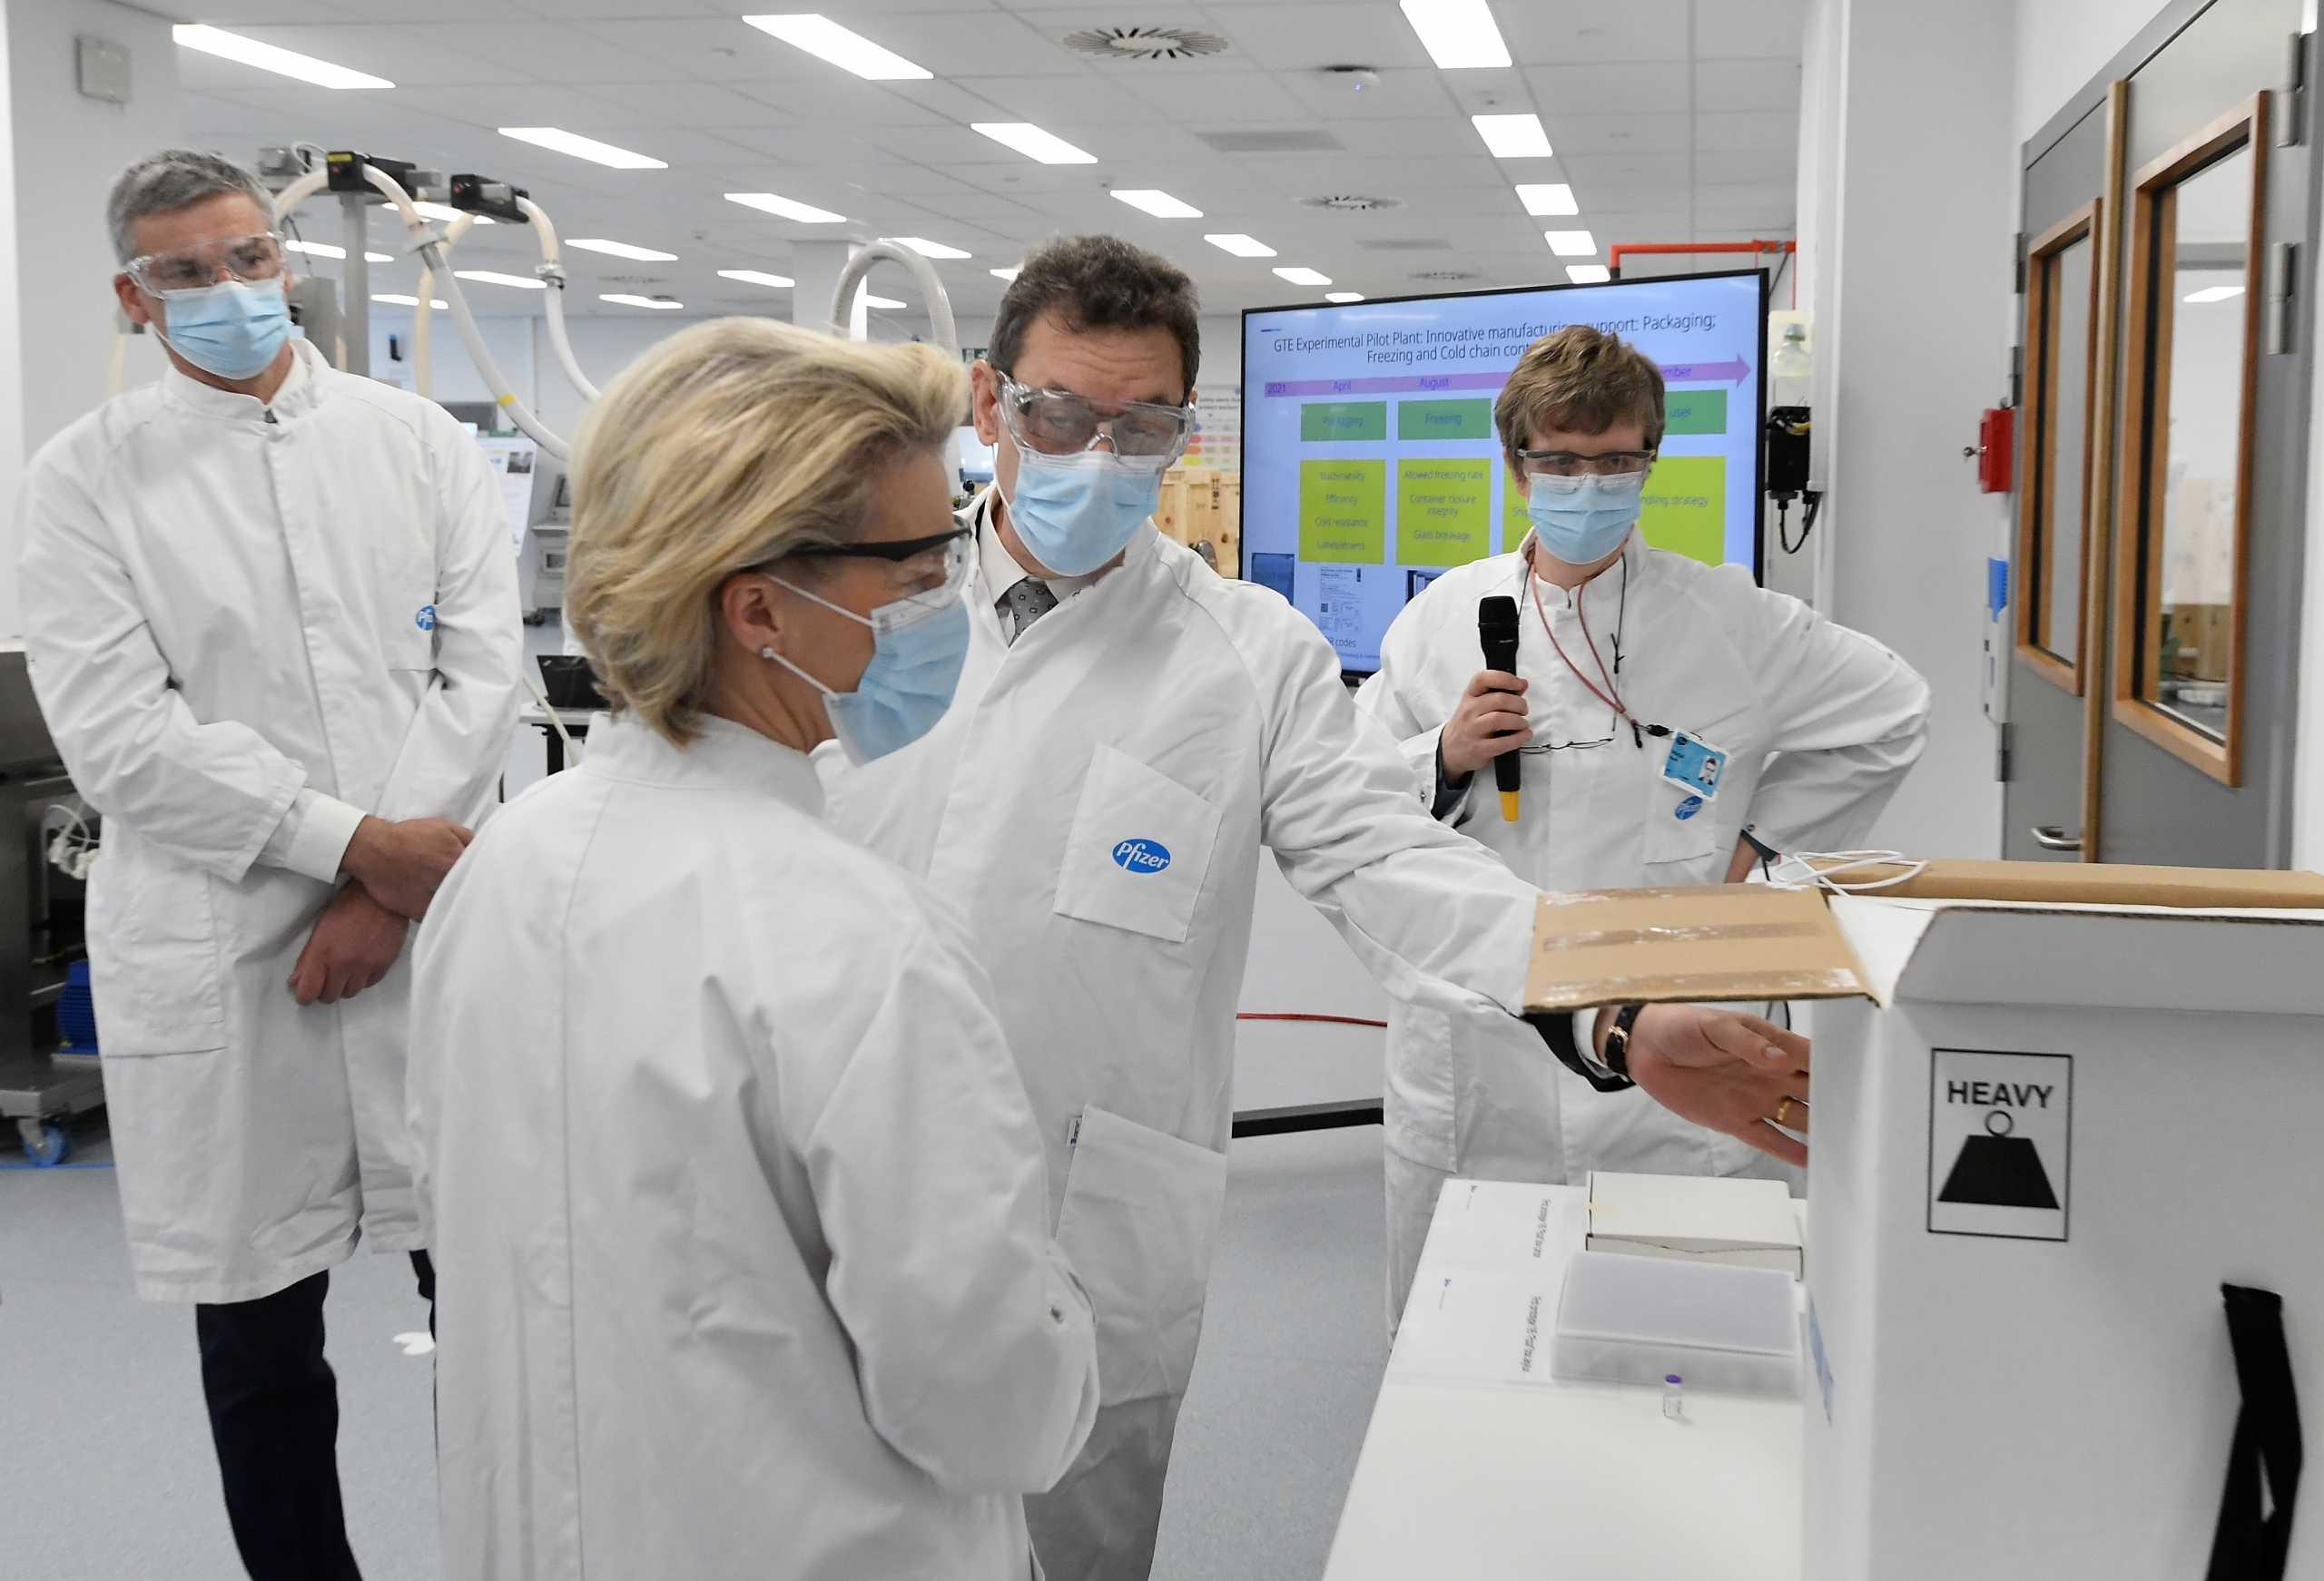 Αυξάνονται οι παραγωγικές δυνατότητες της μονάδας της Pfizer στο Βέλγιο – Στο εργοστάσιο Μπουρλά και Φον Ντερ Λάιεν